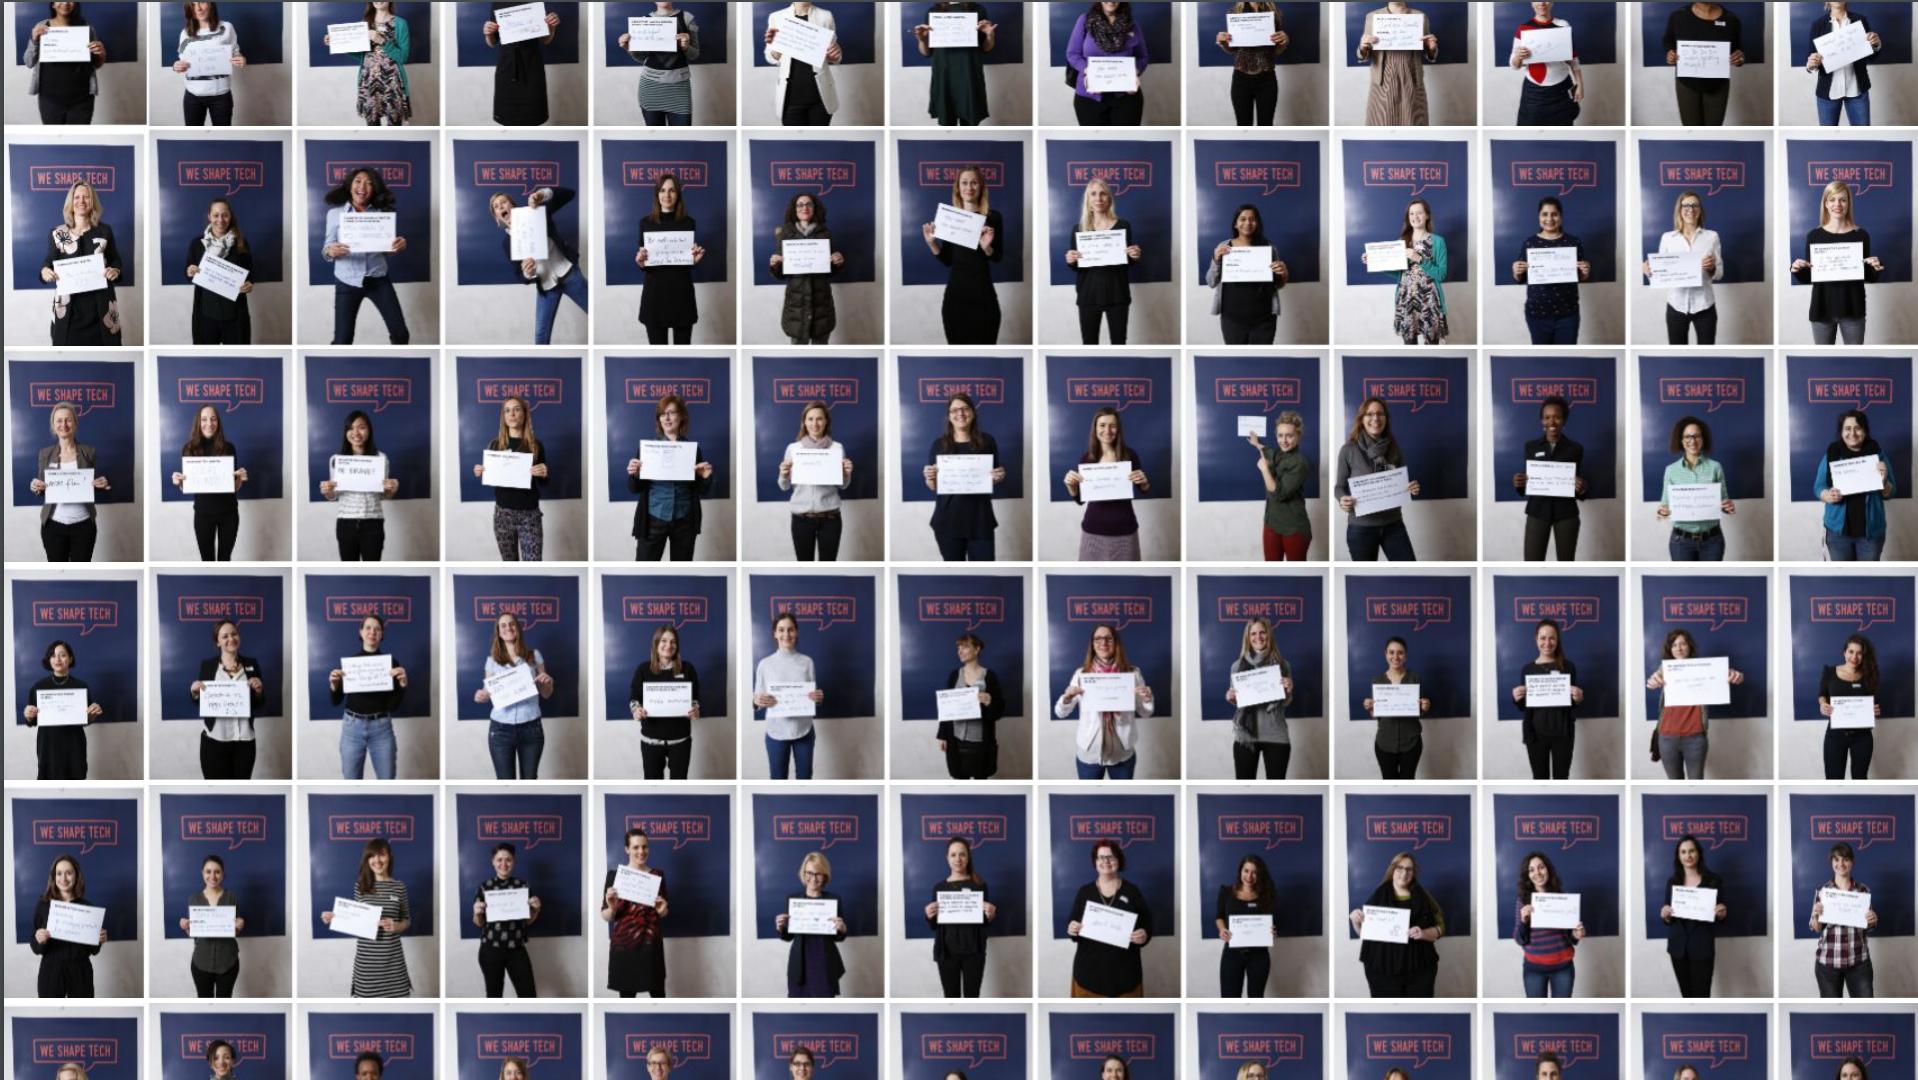 The 100 women of We Shape Tech